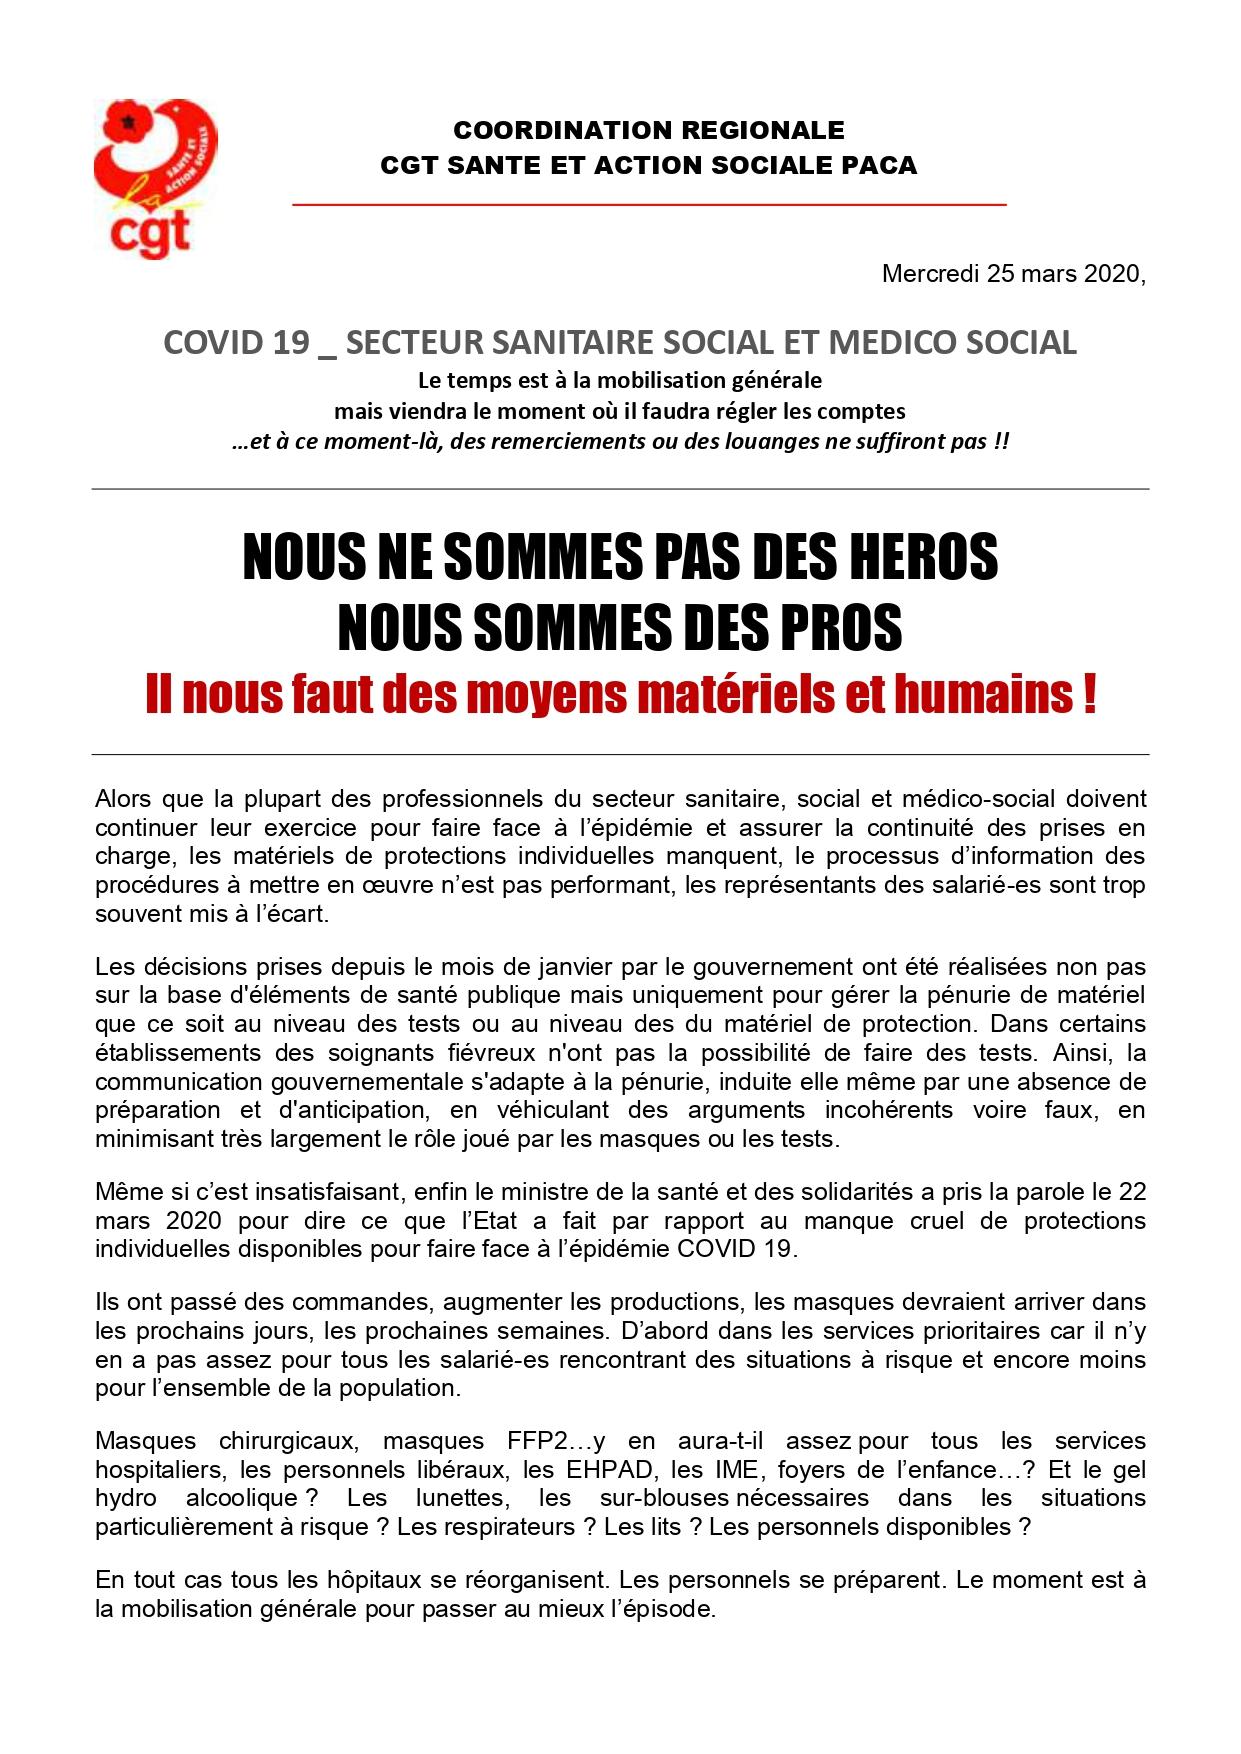 Covid-19 Communiqué Coordination Régionale PACA du 25 mars 2020 (1)